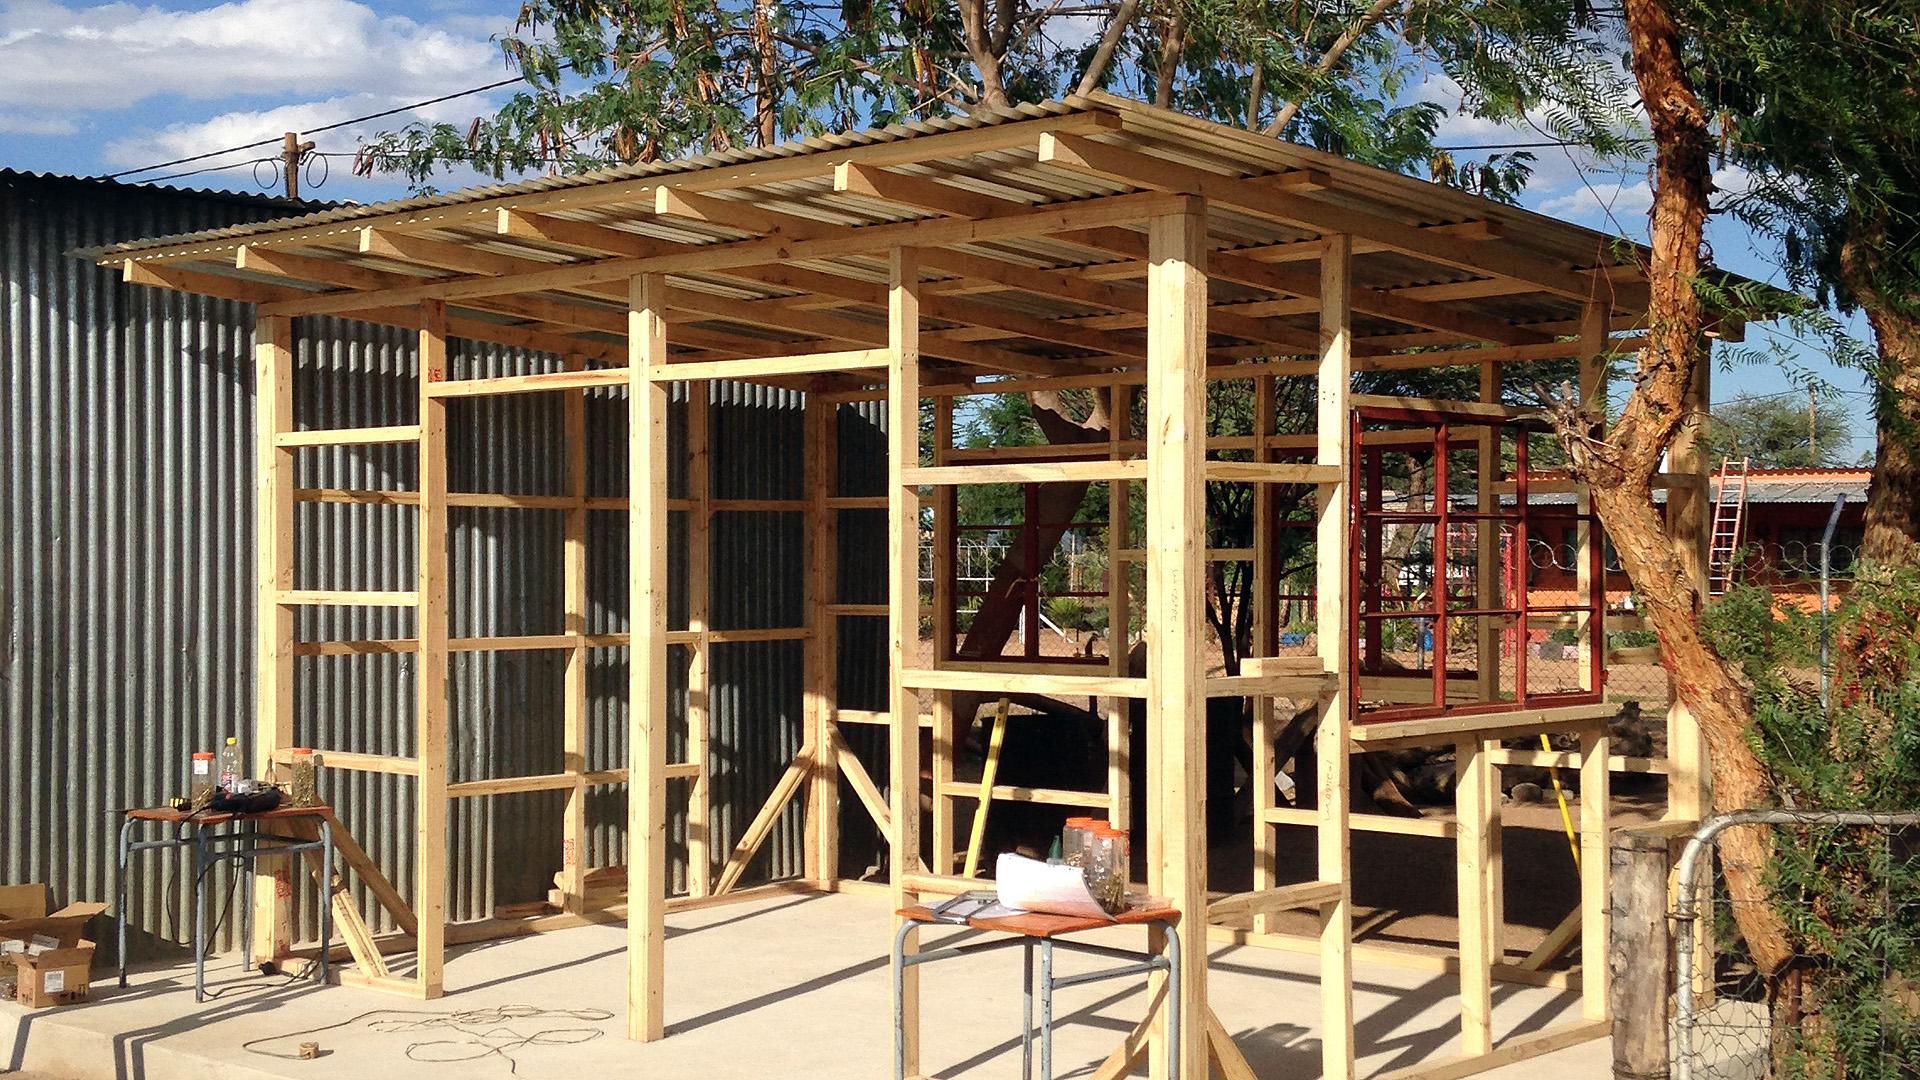 wooden construction of the schoolgarden kitchen